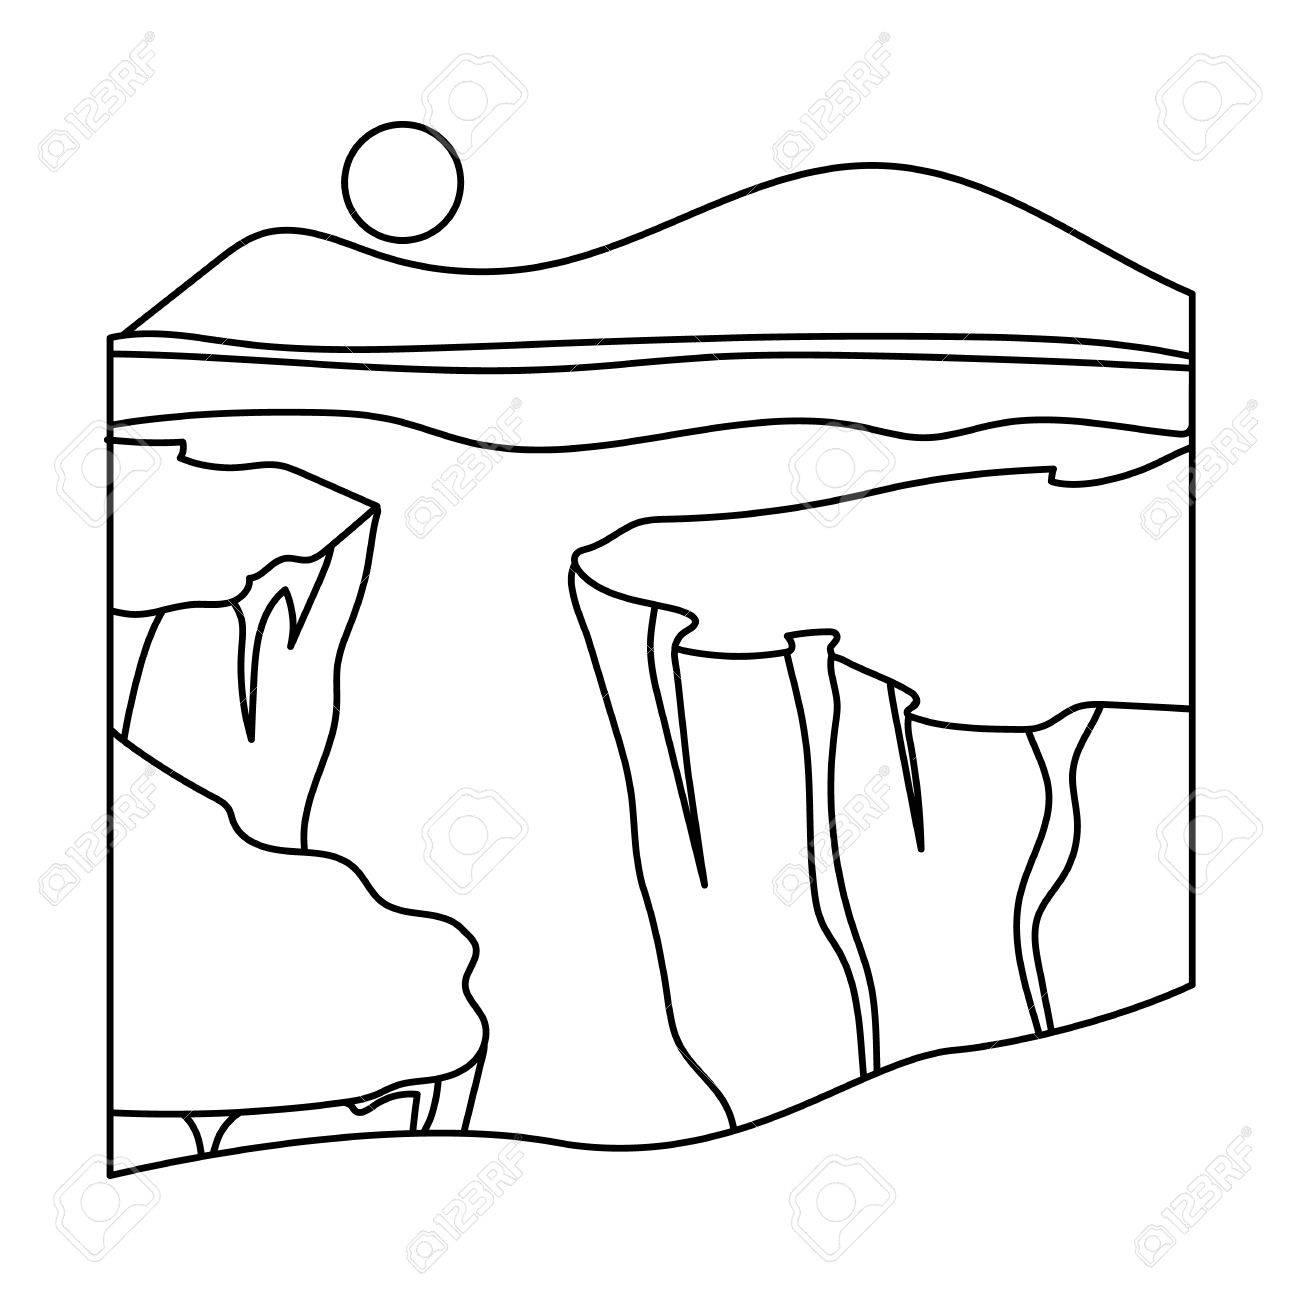 Grand Canyon Drawing At Getdrawings